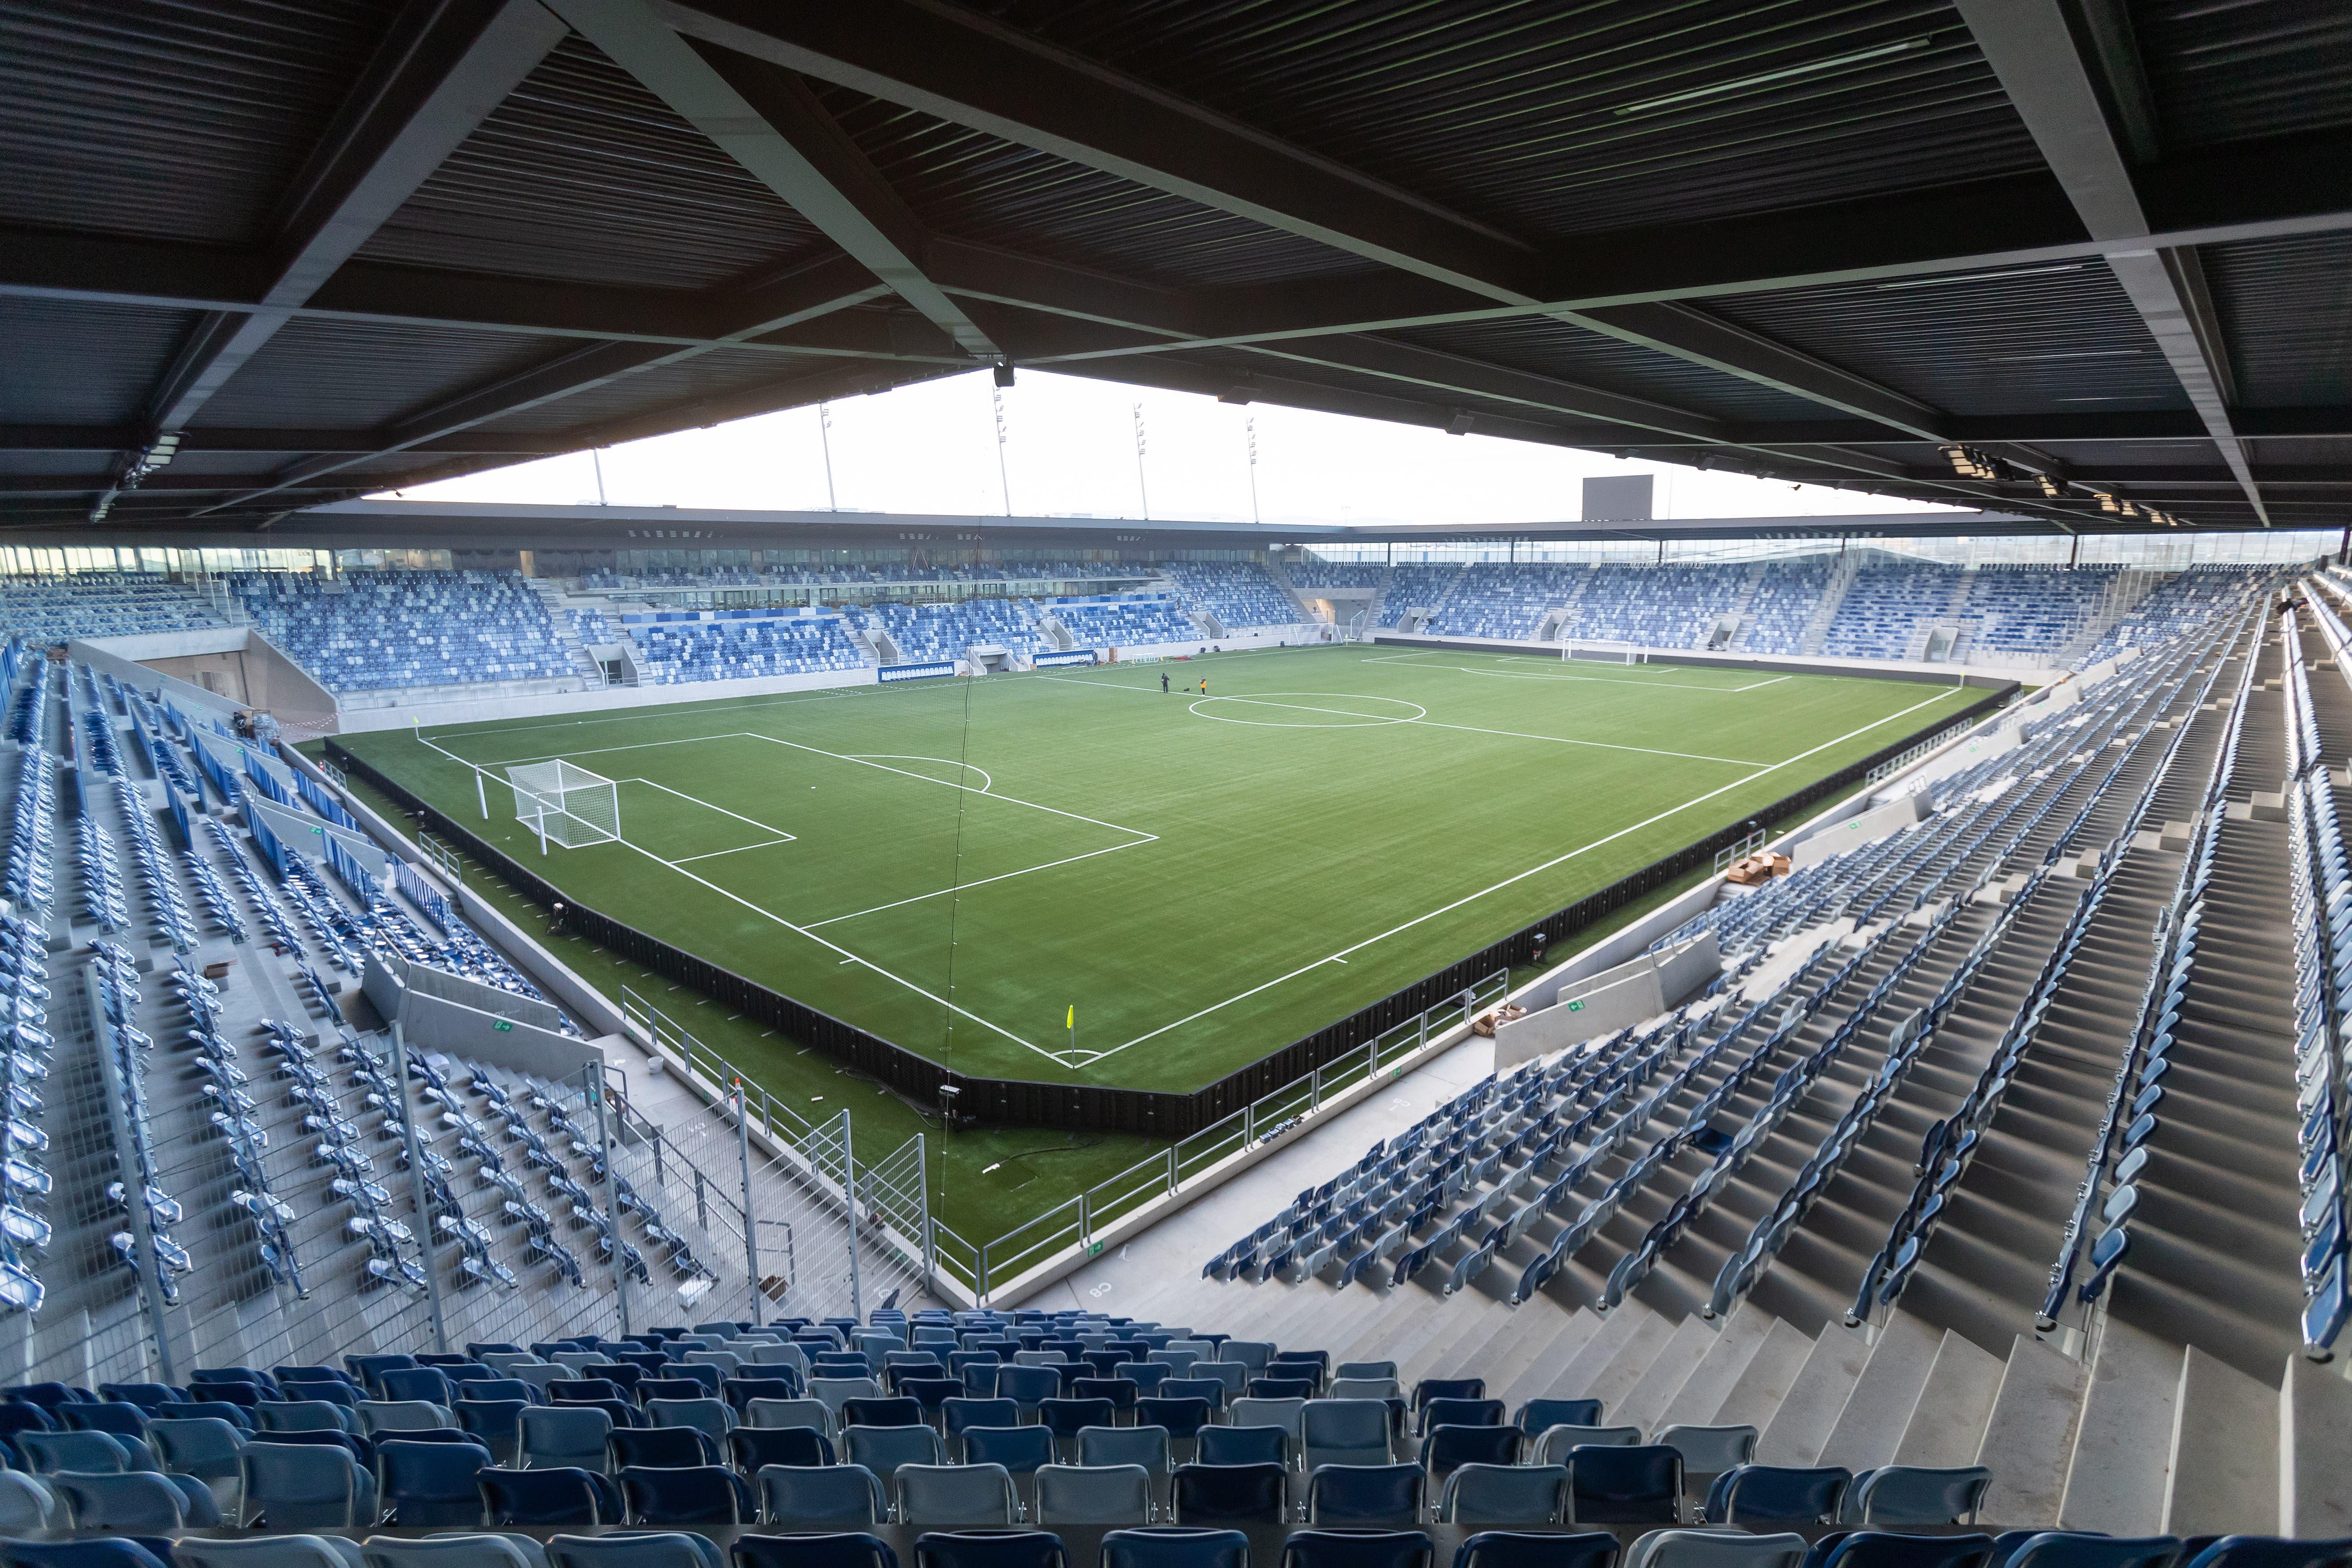 Das neue Stadion soll für LS eine neue Ära einläuten.